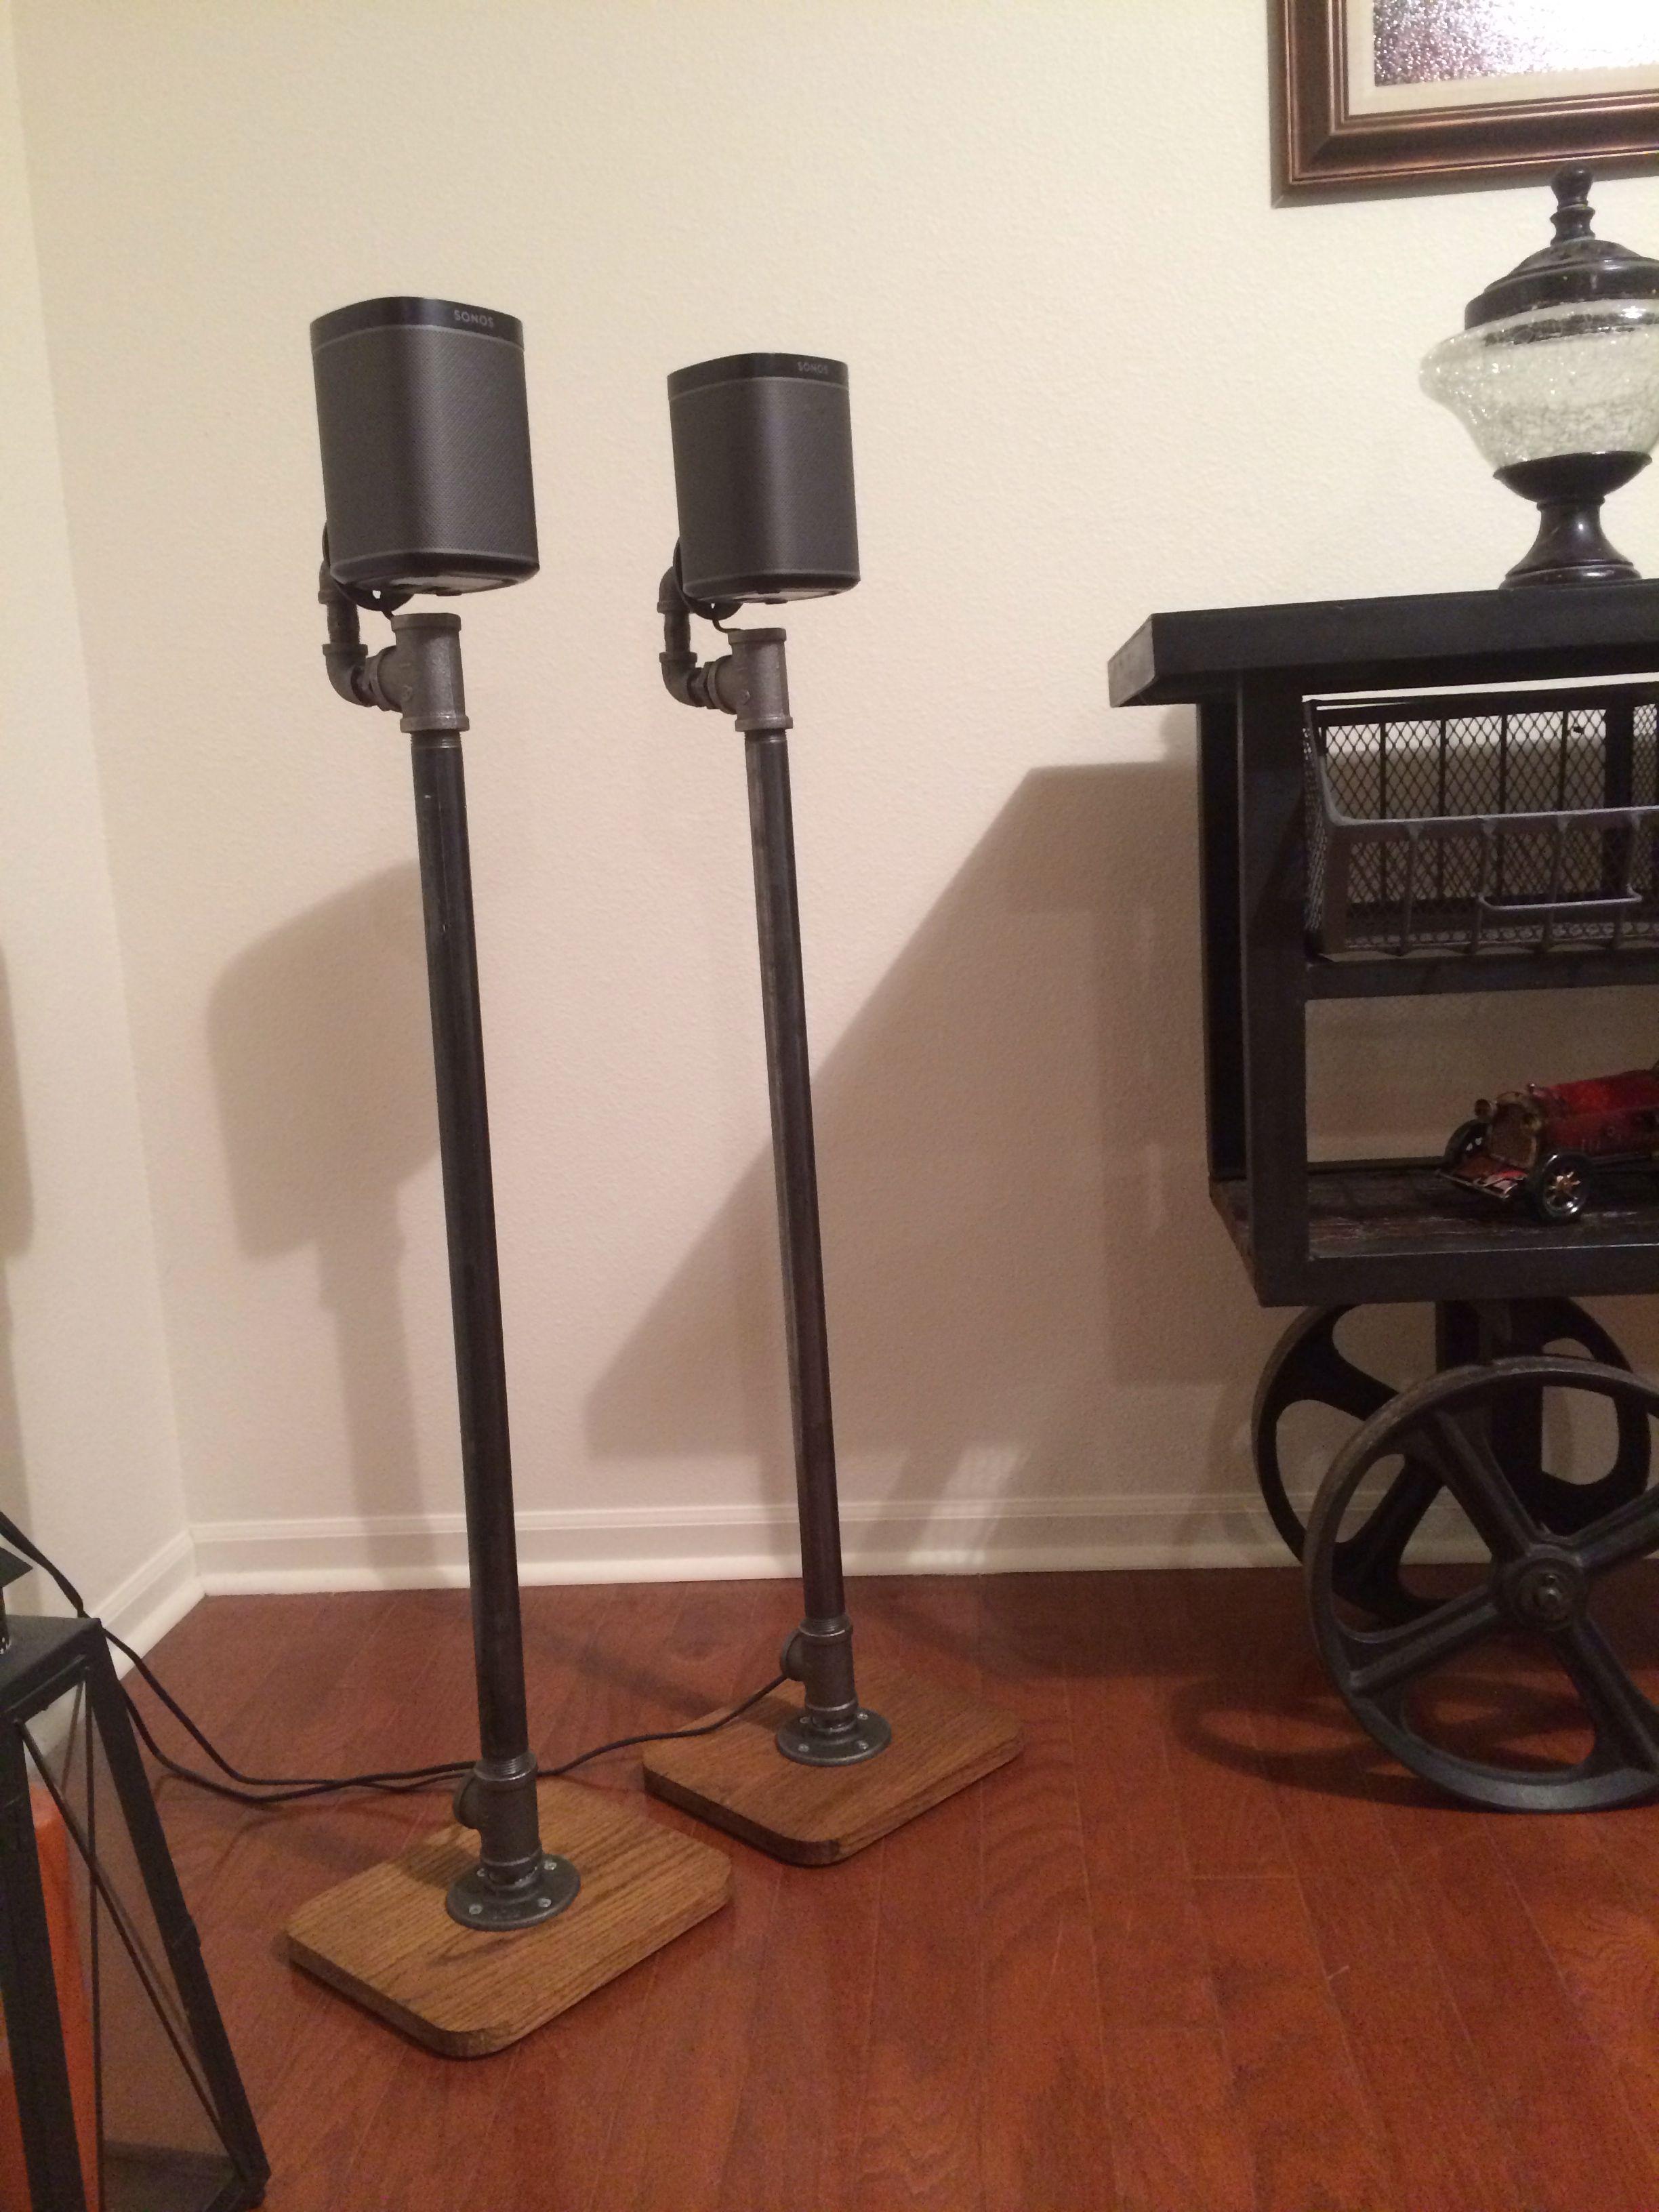 Sonos Play1 DIY vintage industrial style speaker stands